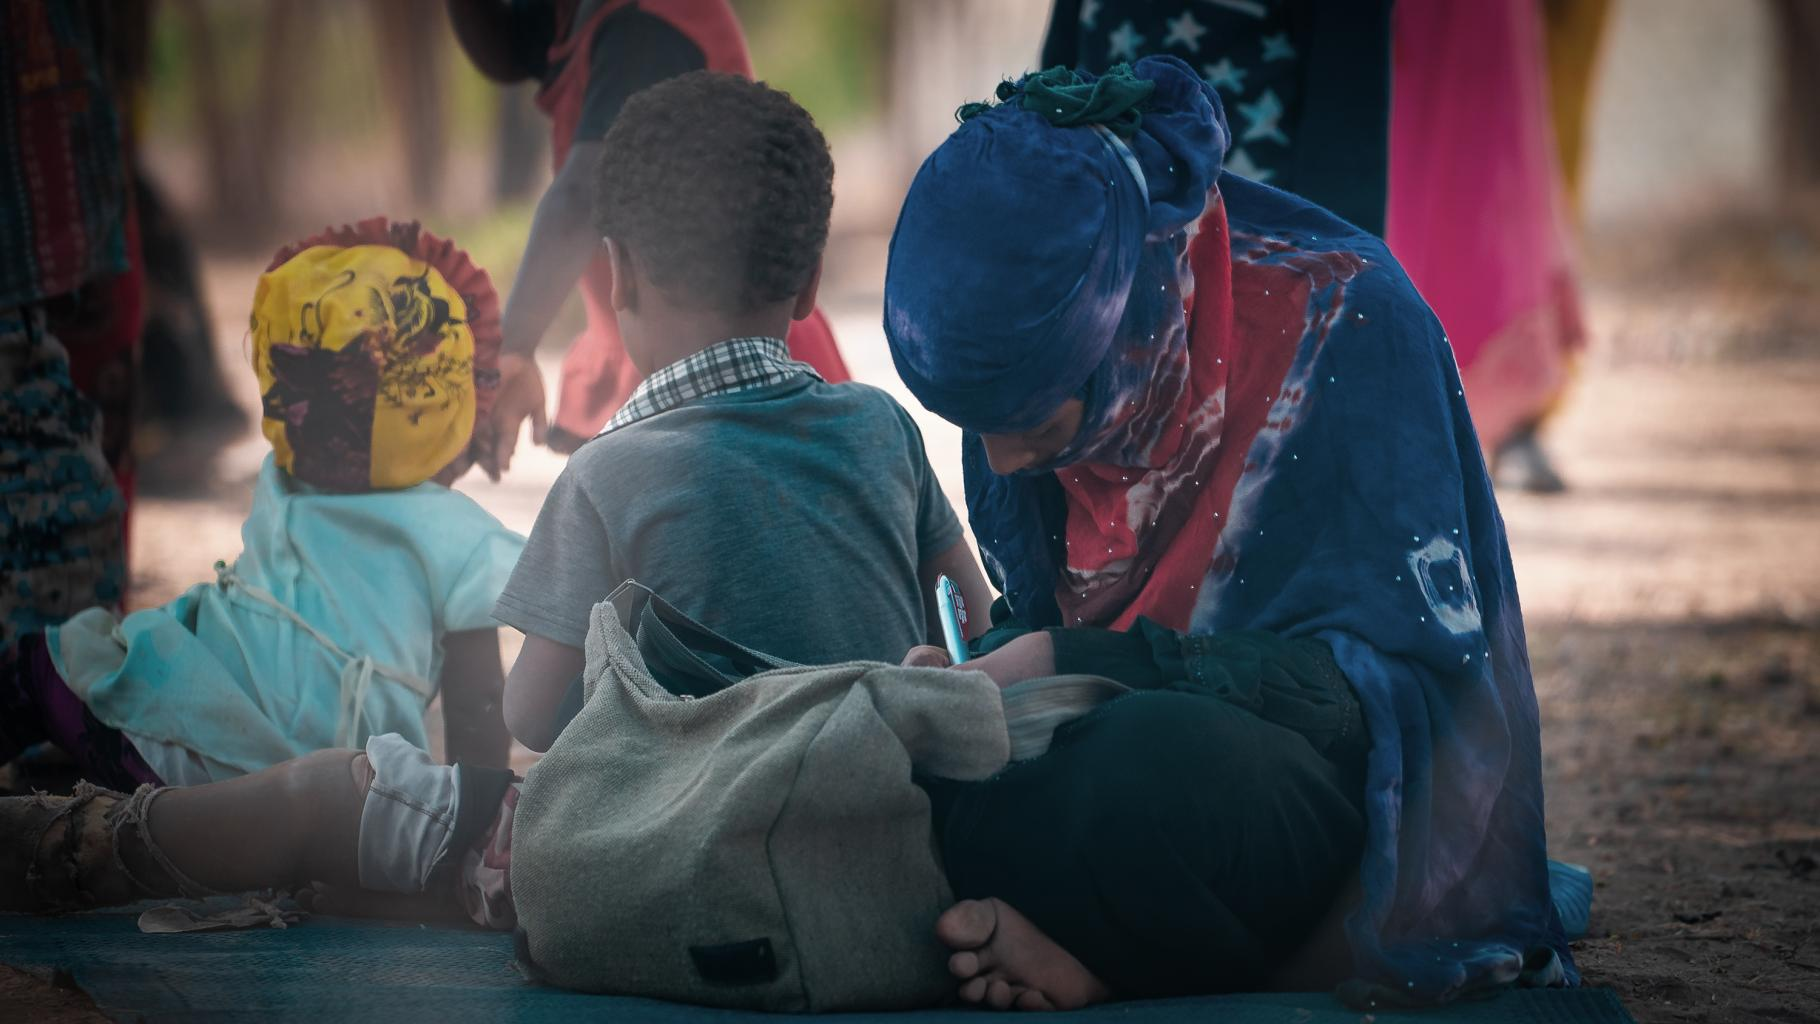 Ein Teenager-Mädchen sitzt neben zwei jüngeren Kindern auf einer Matte und schreibt; eines der Kinder hat eine Bein-Prothese.